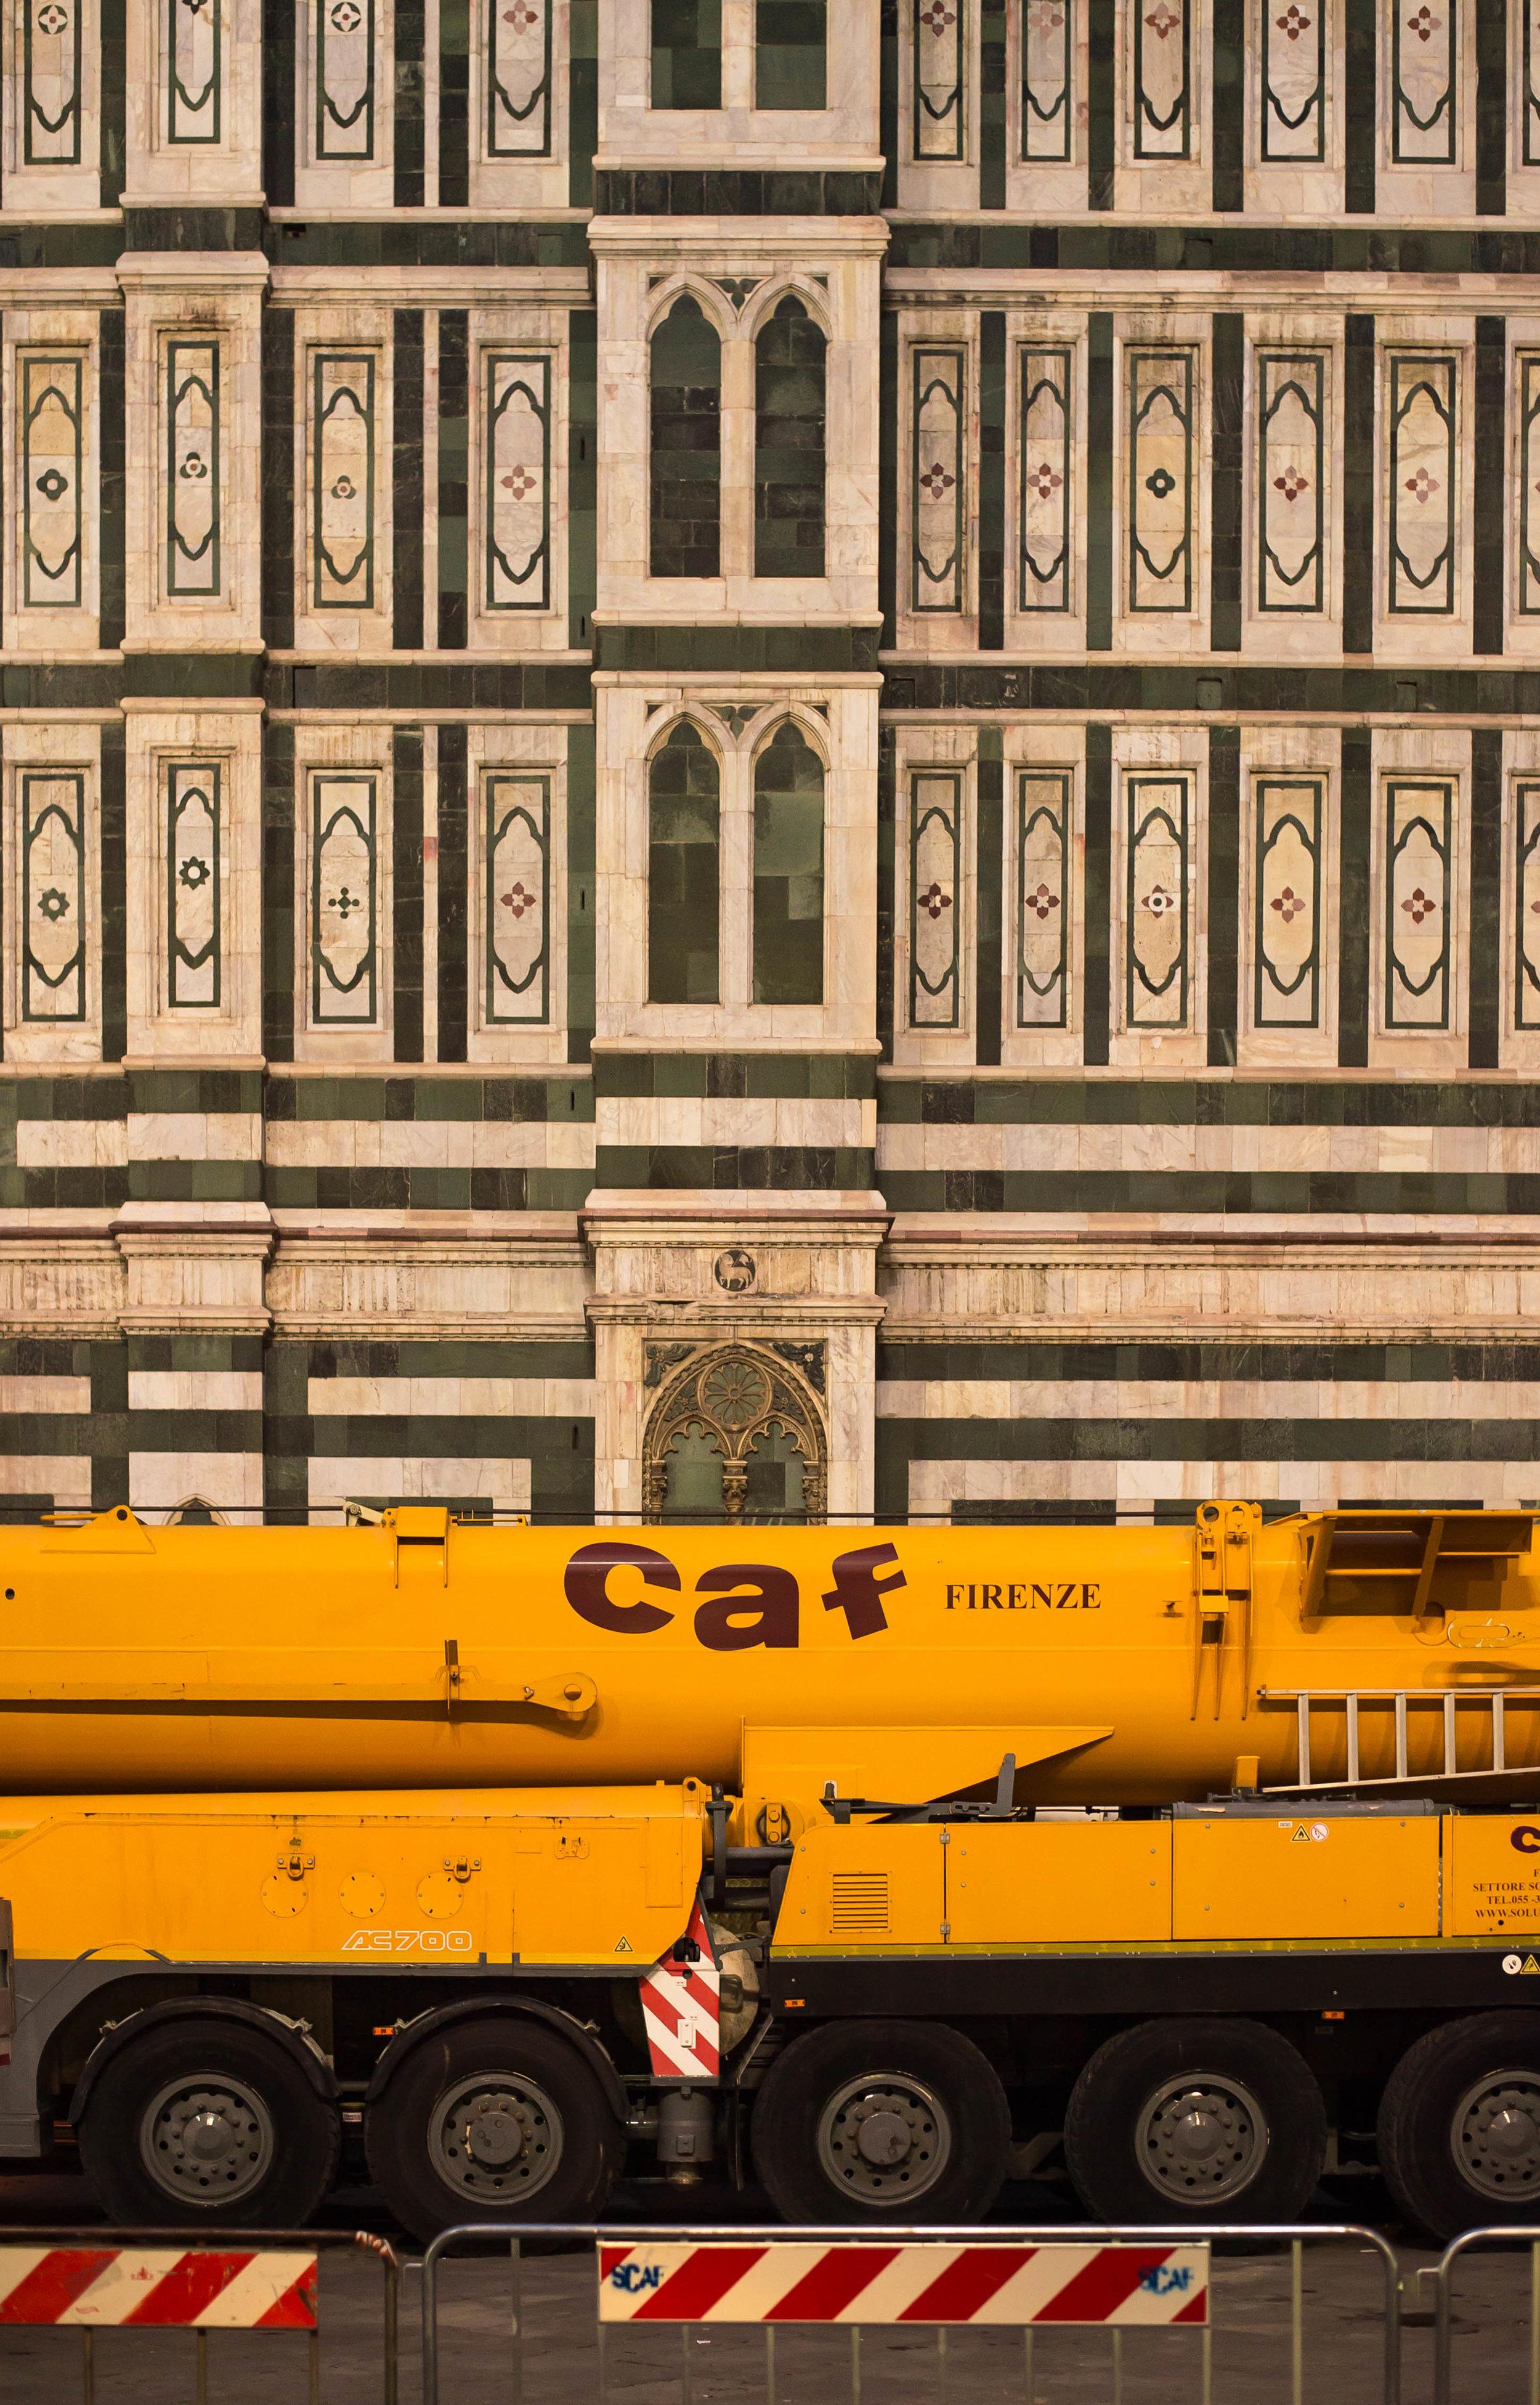 2017_11-22 duomo truck firenze italia.jpg